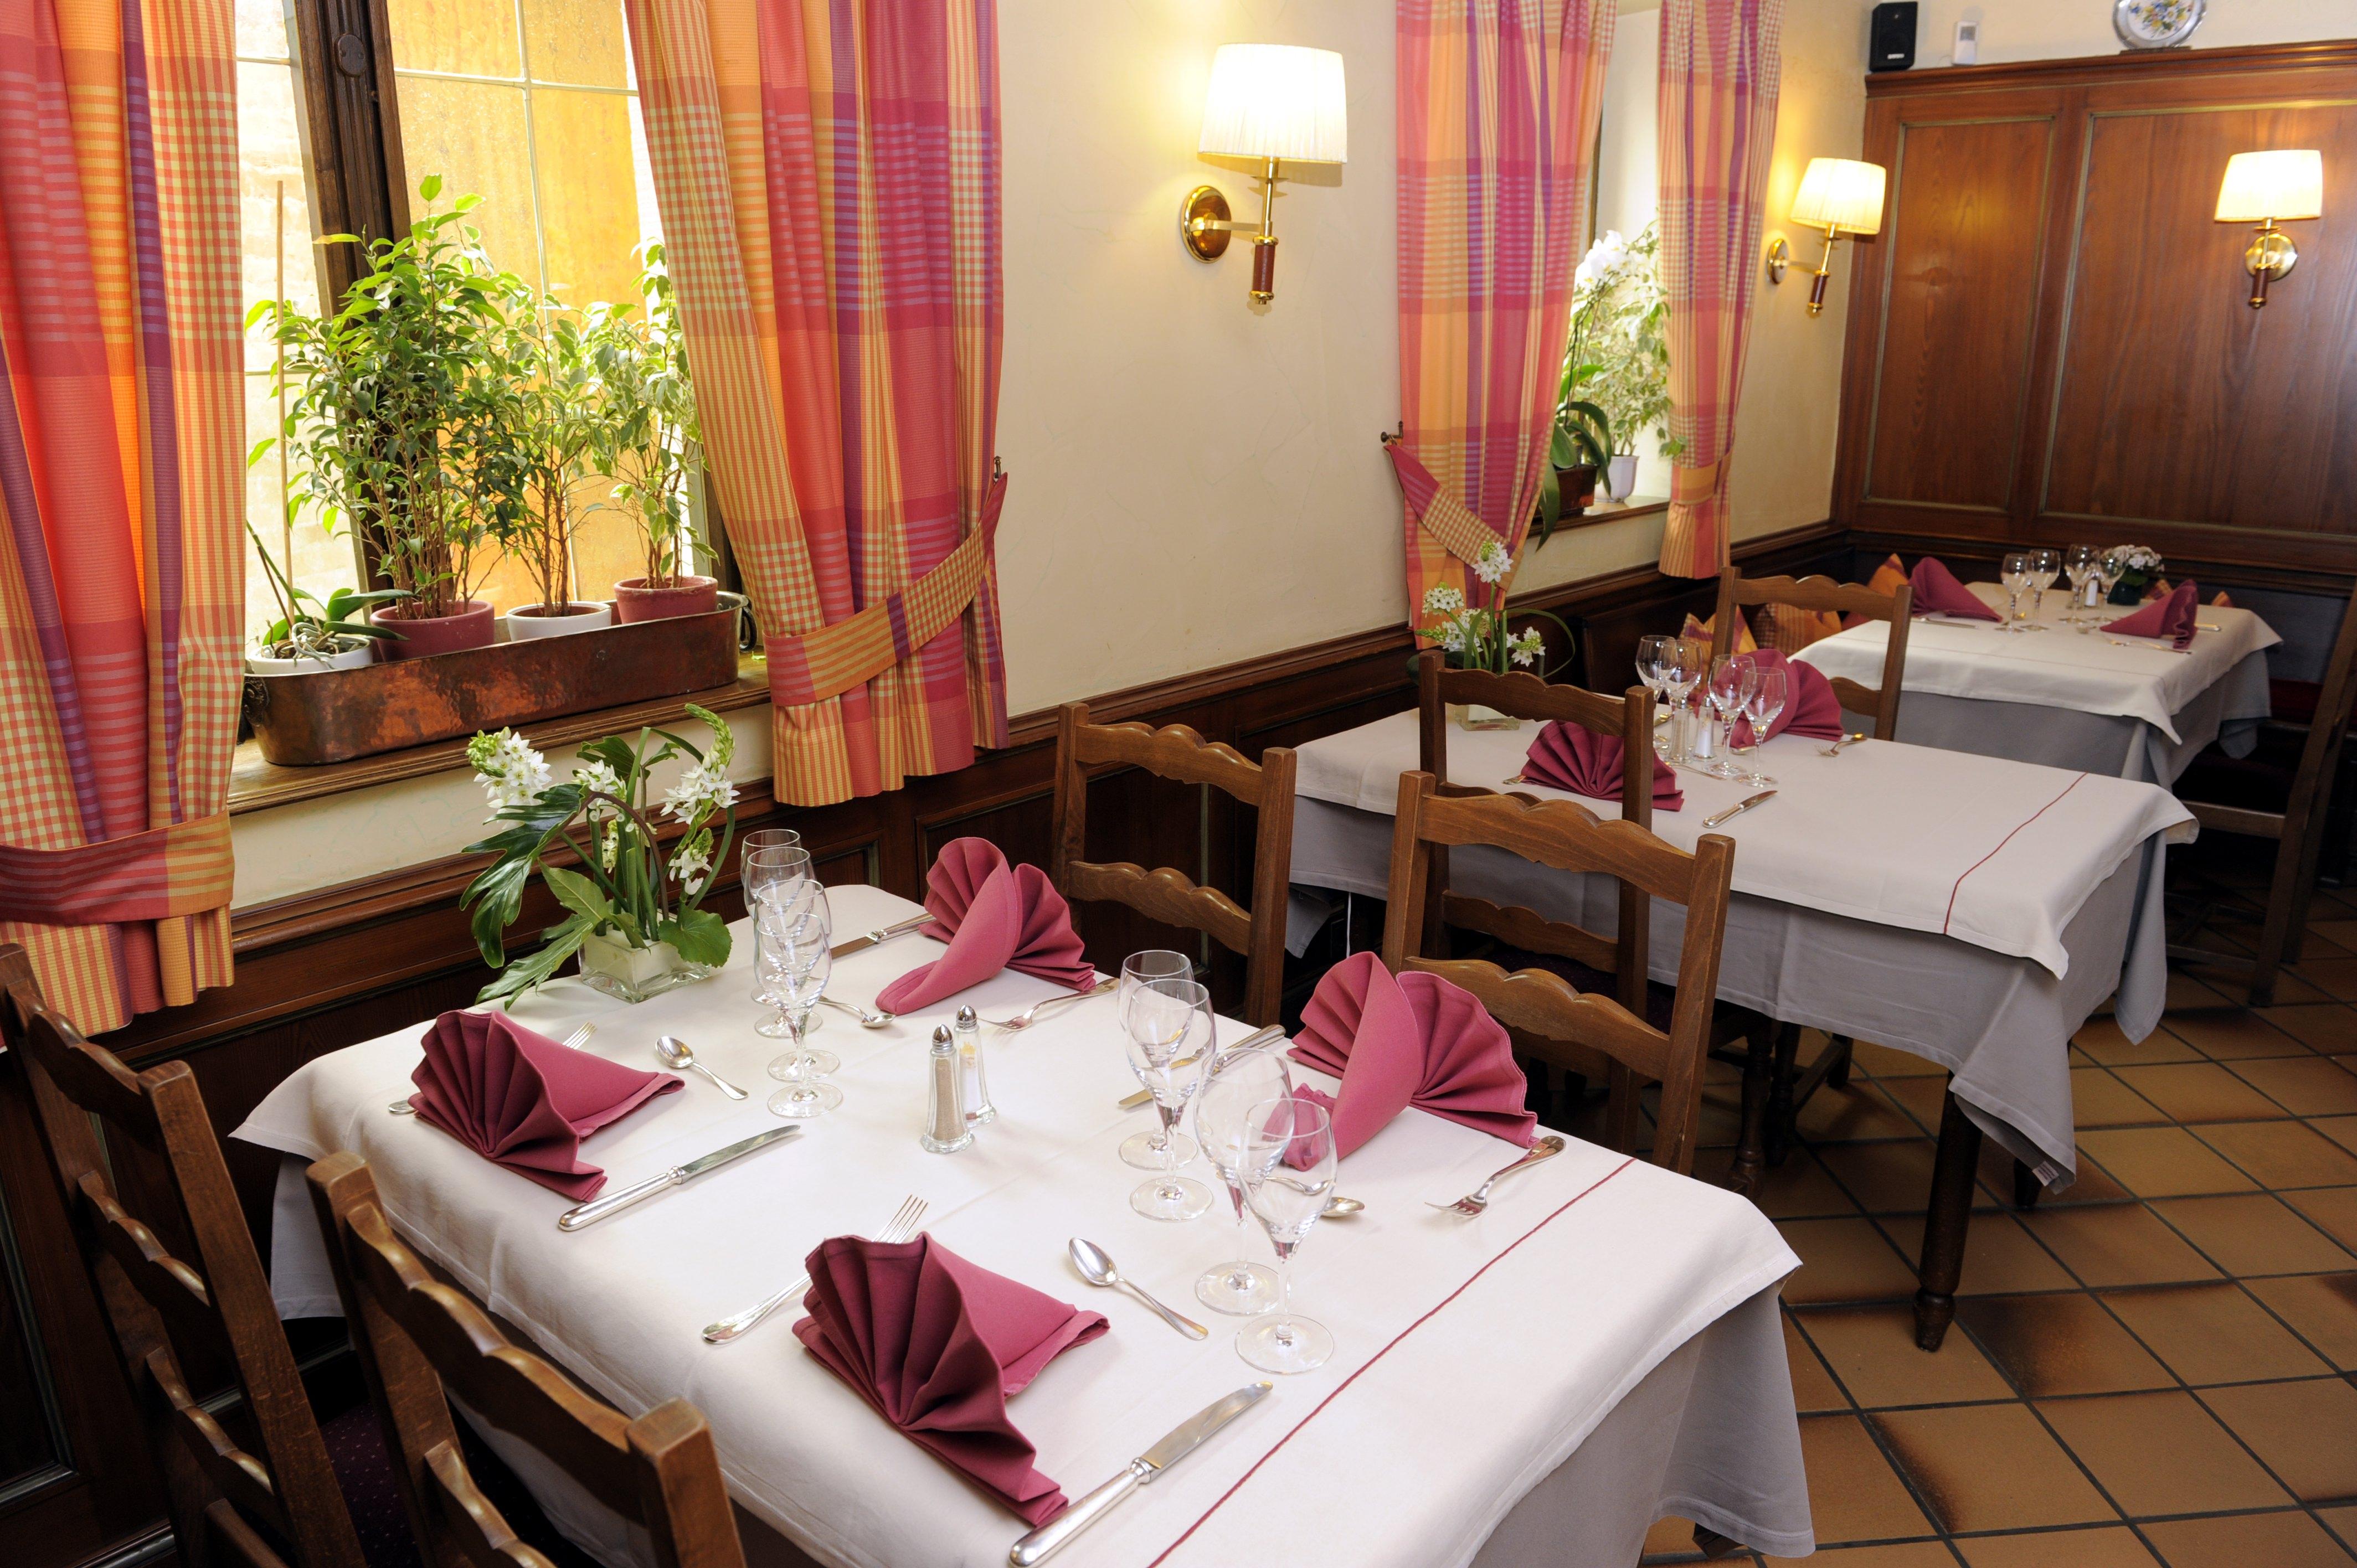 Salle restaurant Etoile Mittelhausen